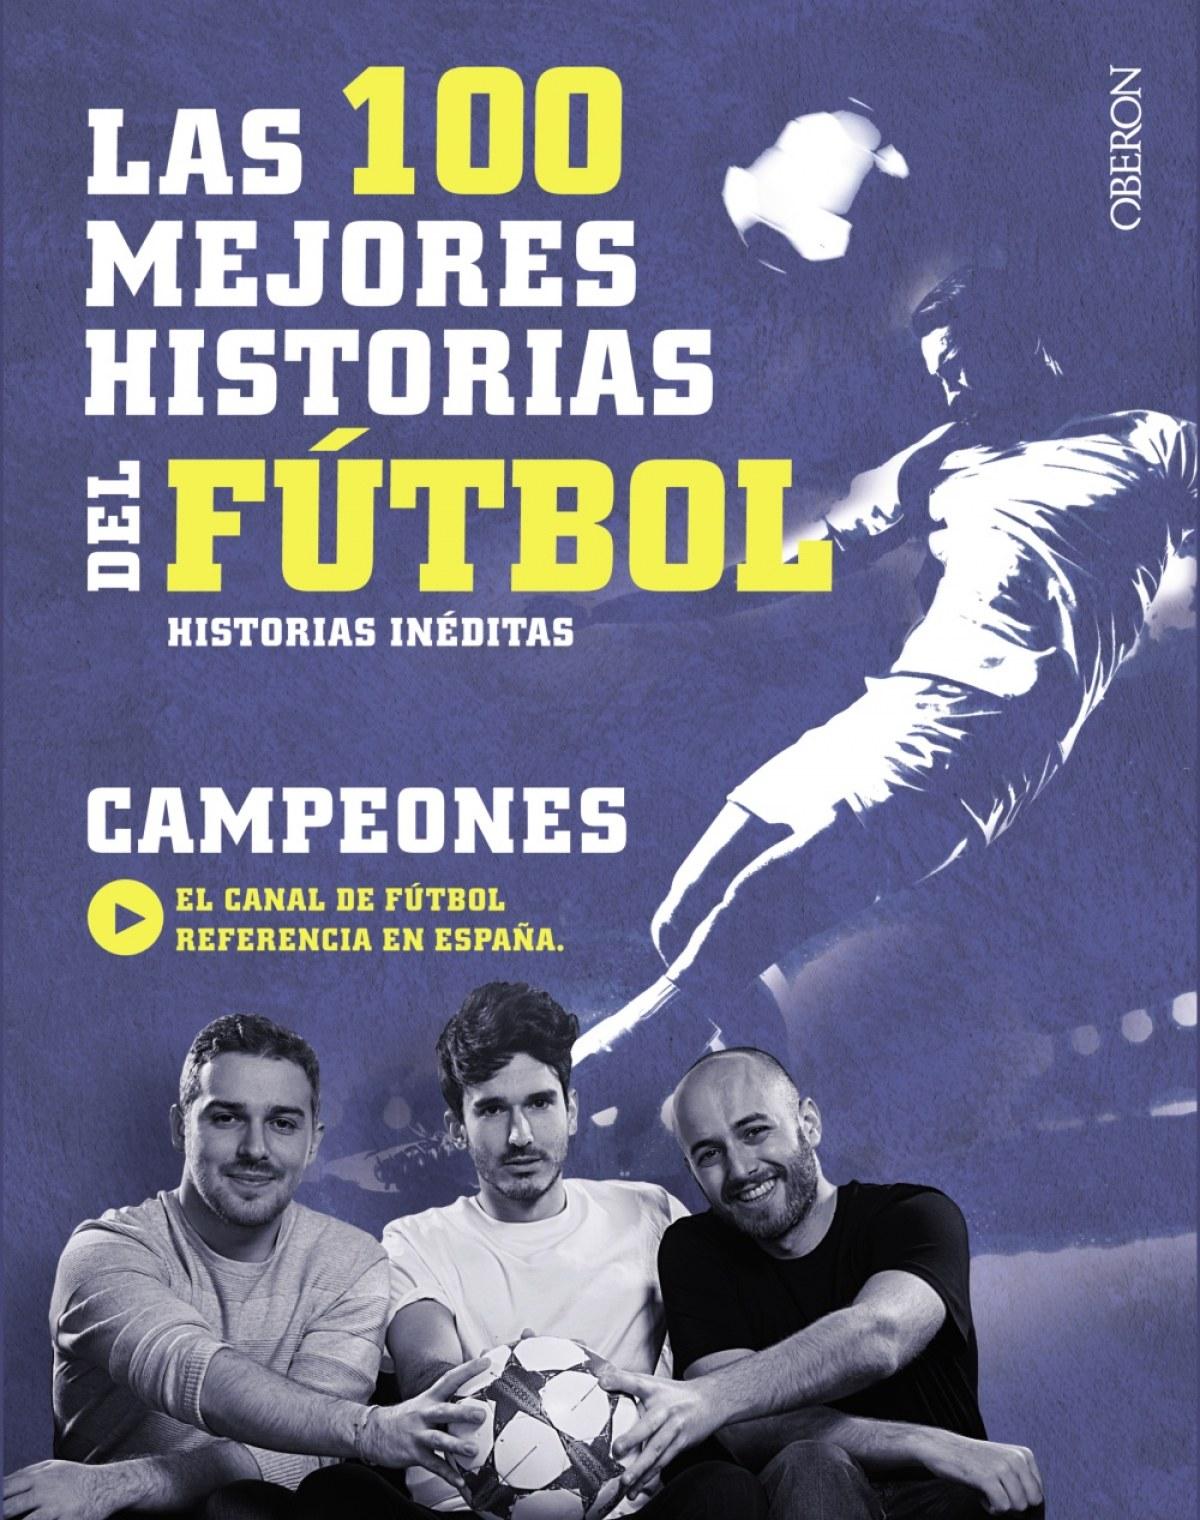 LAS 100 MEJORES HISTORIAS DEL FúTBOL 9788441538931